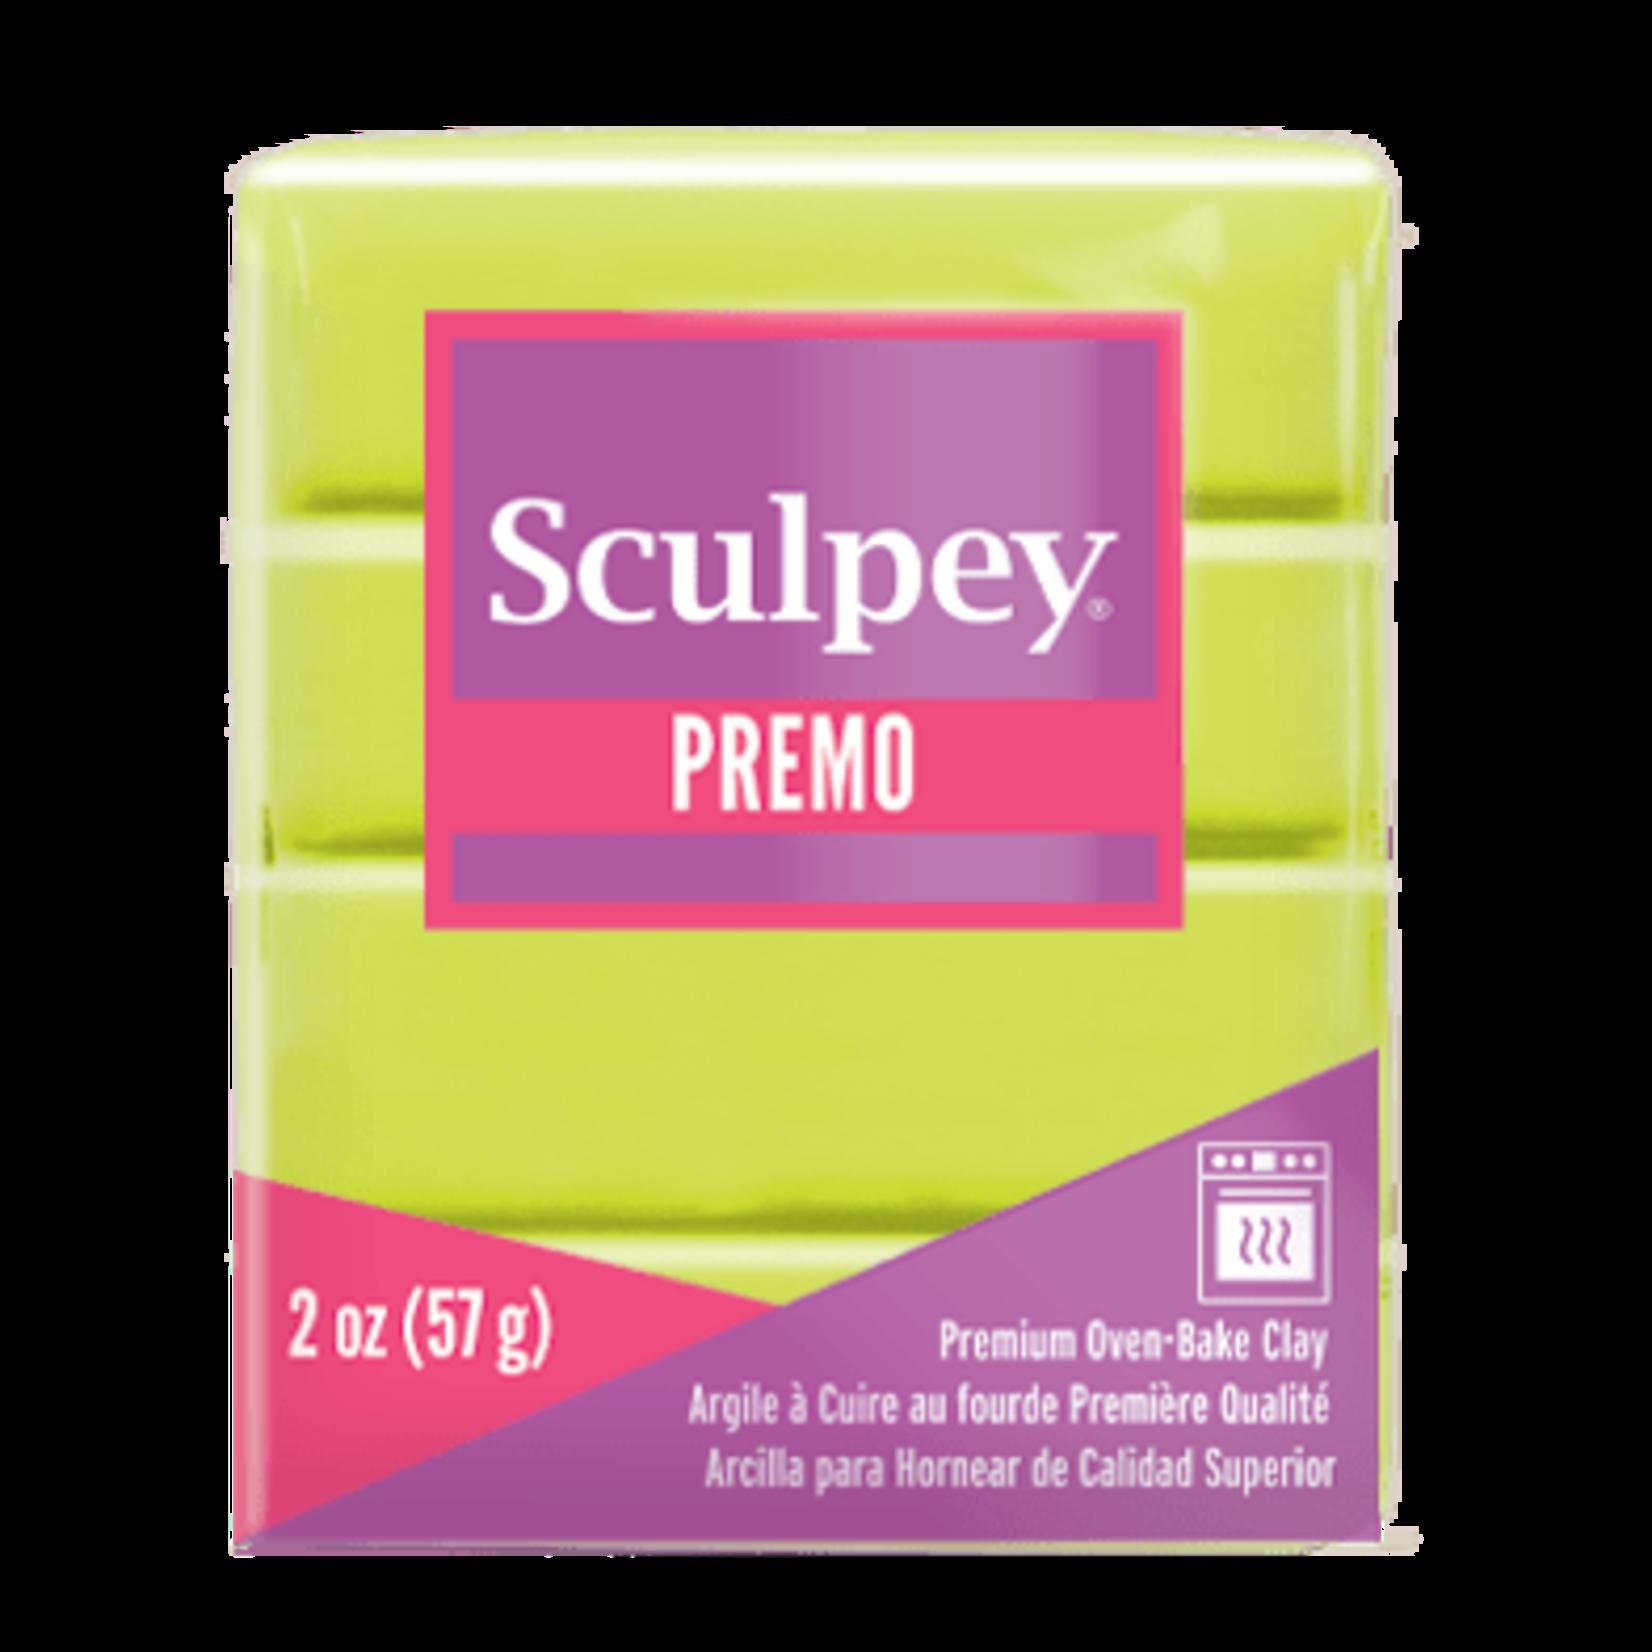 Sculpey Sculpey Premo  -- Wasabi